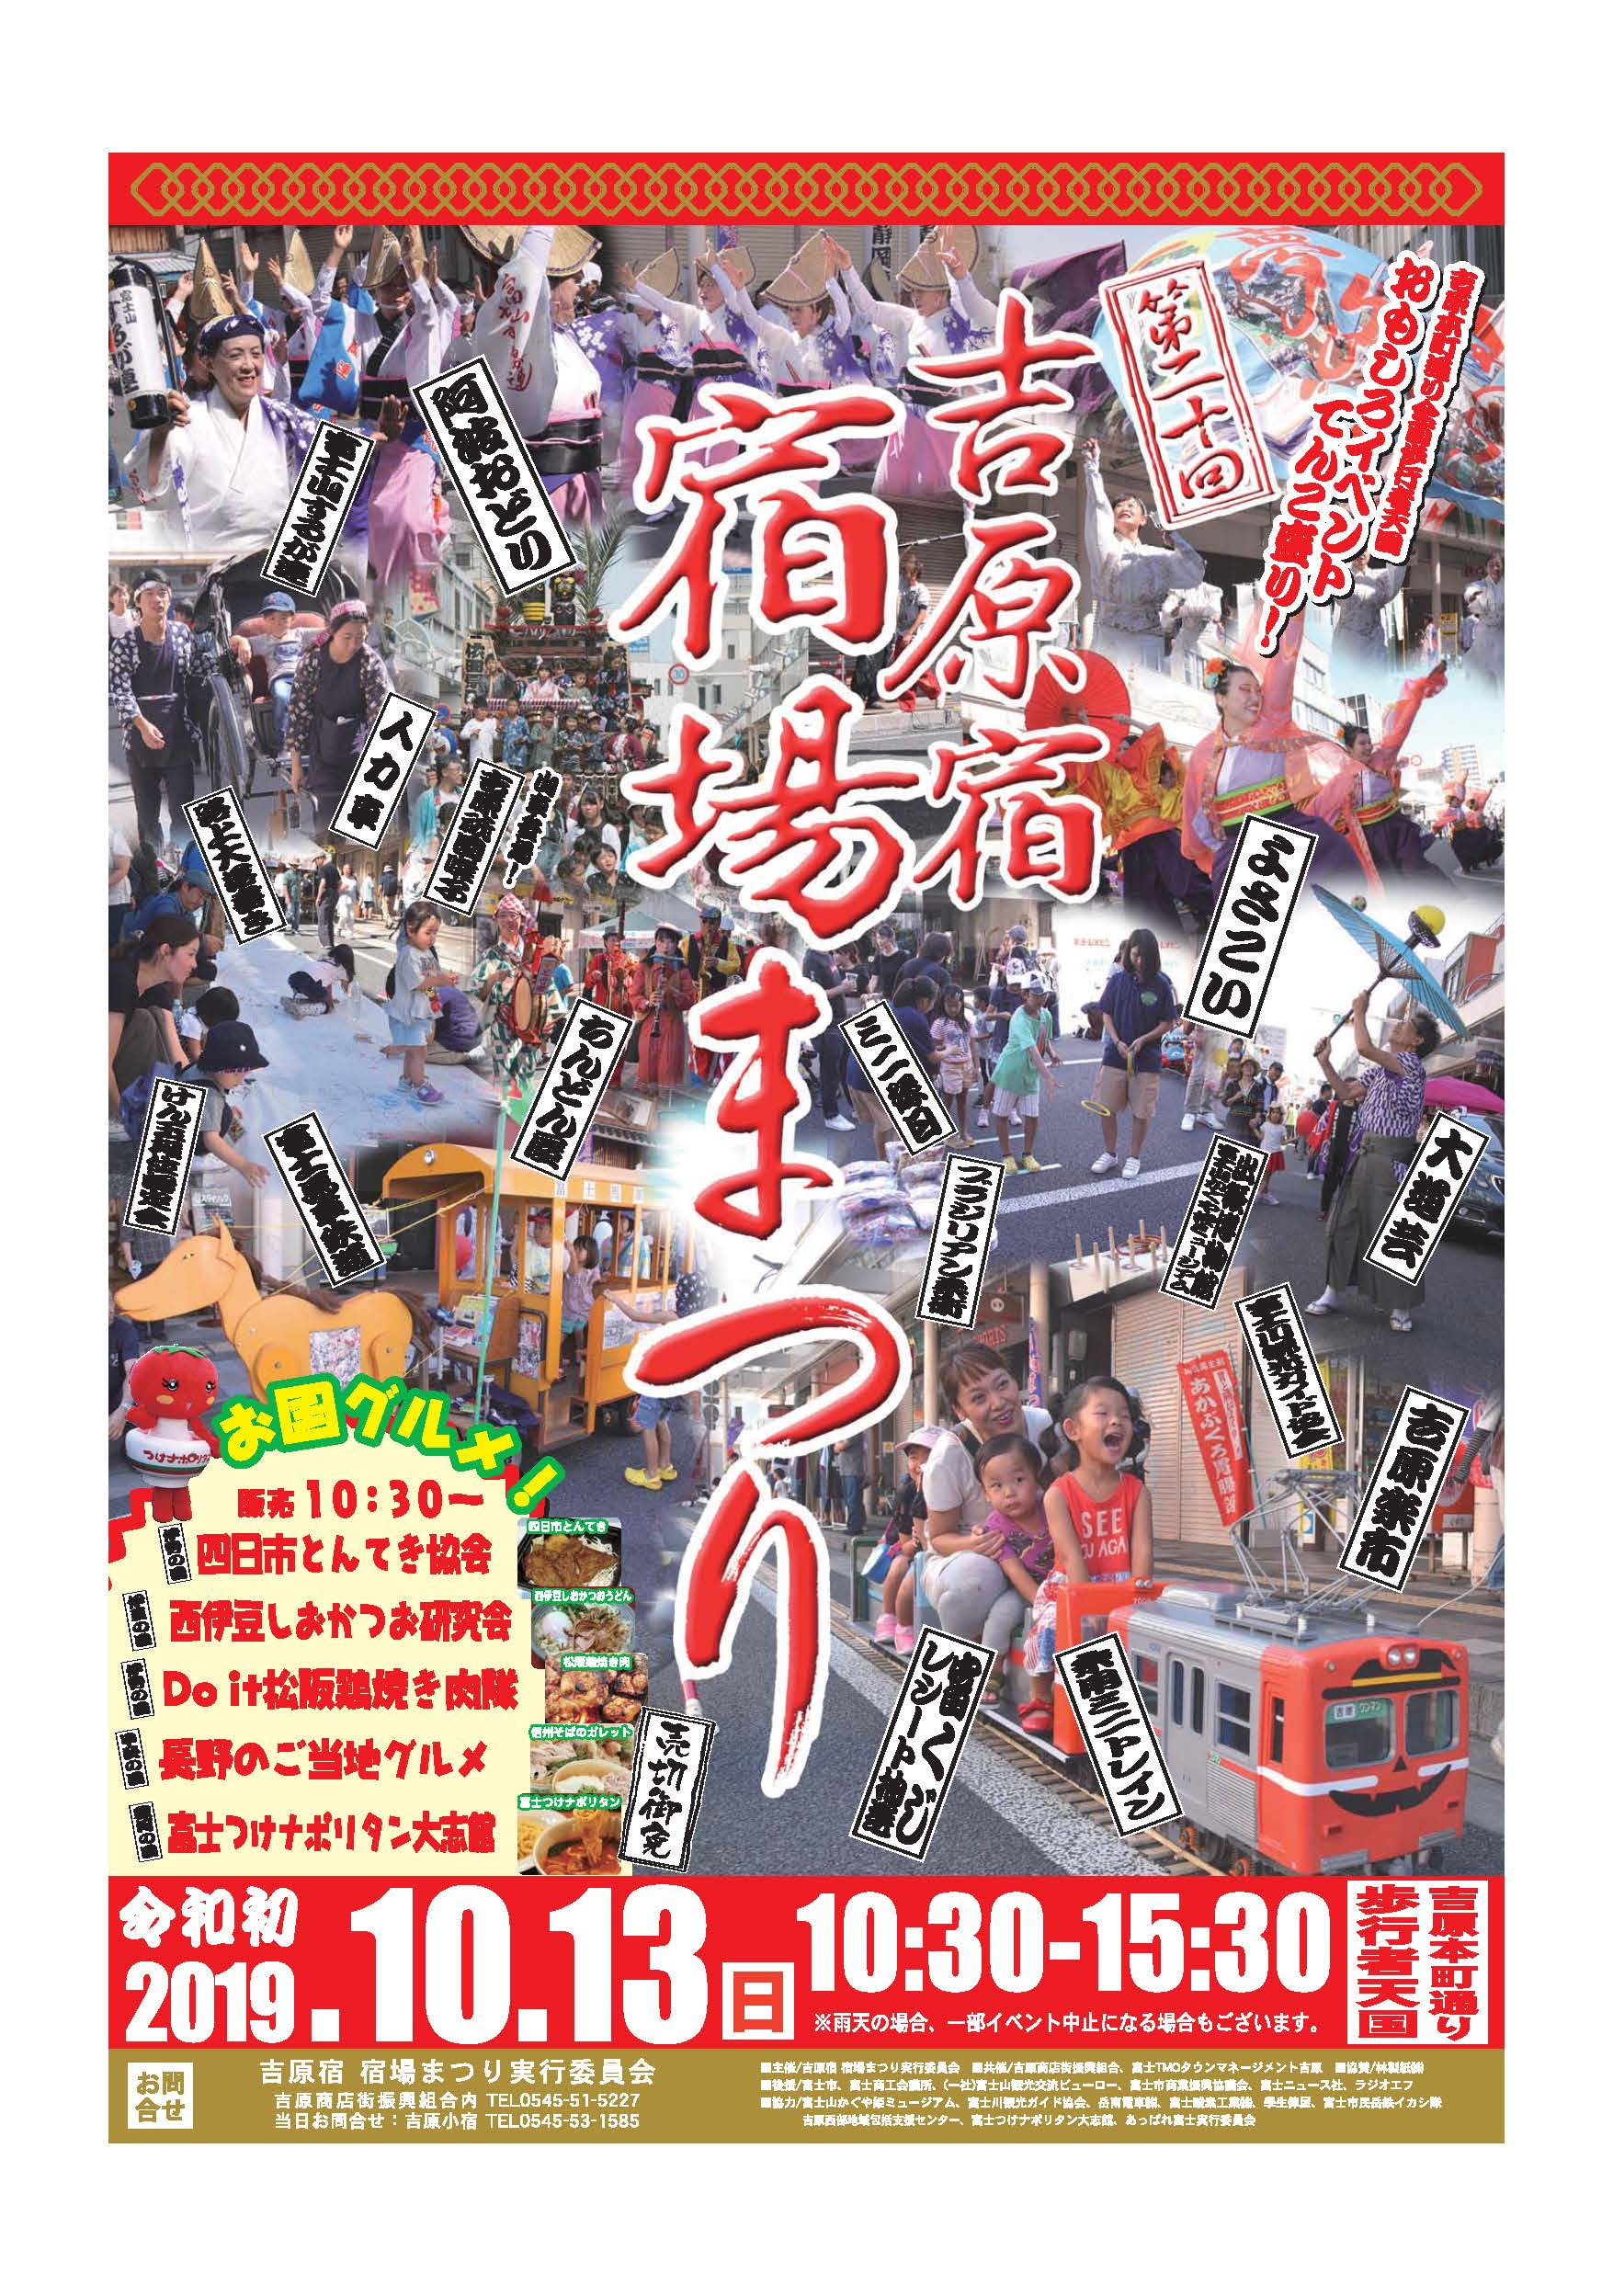 吉原宿 一の市 開催のお知らせ